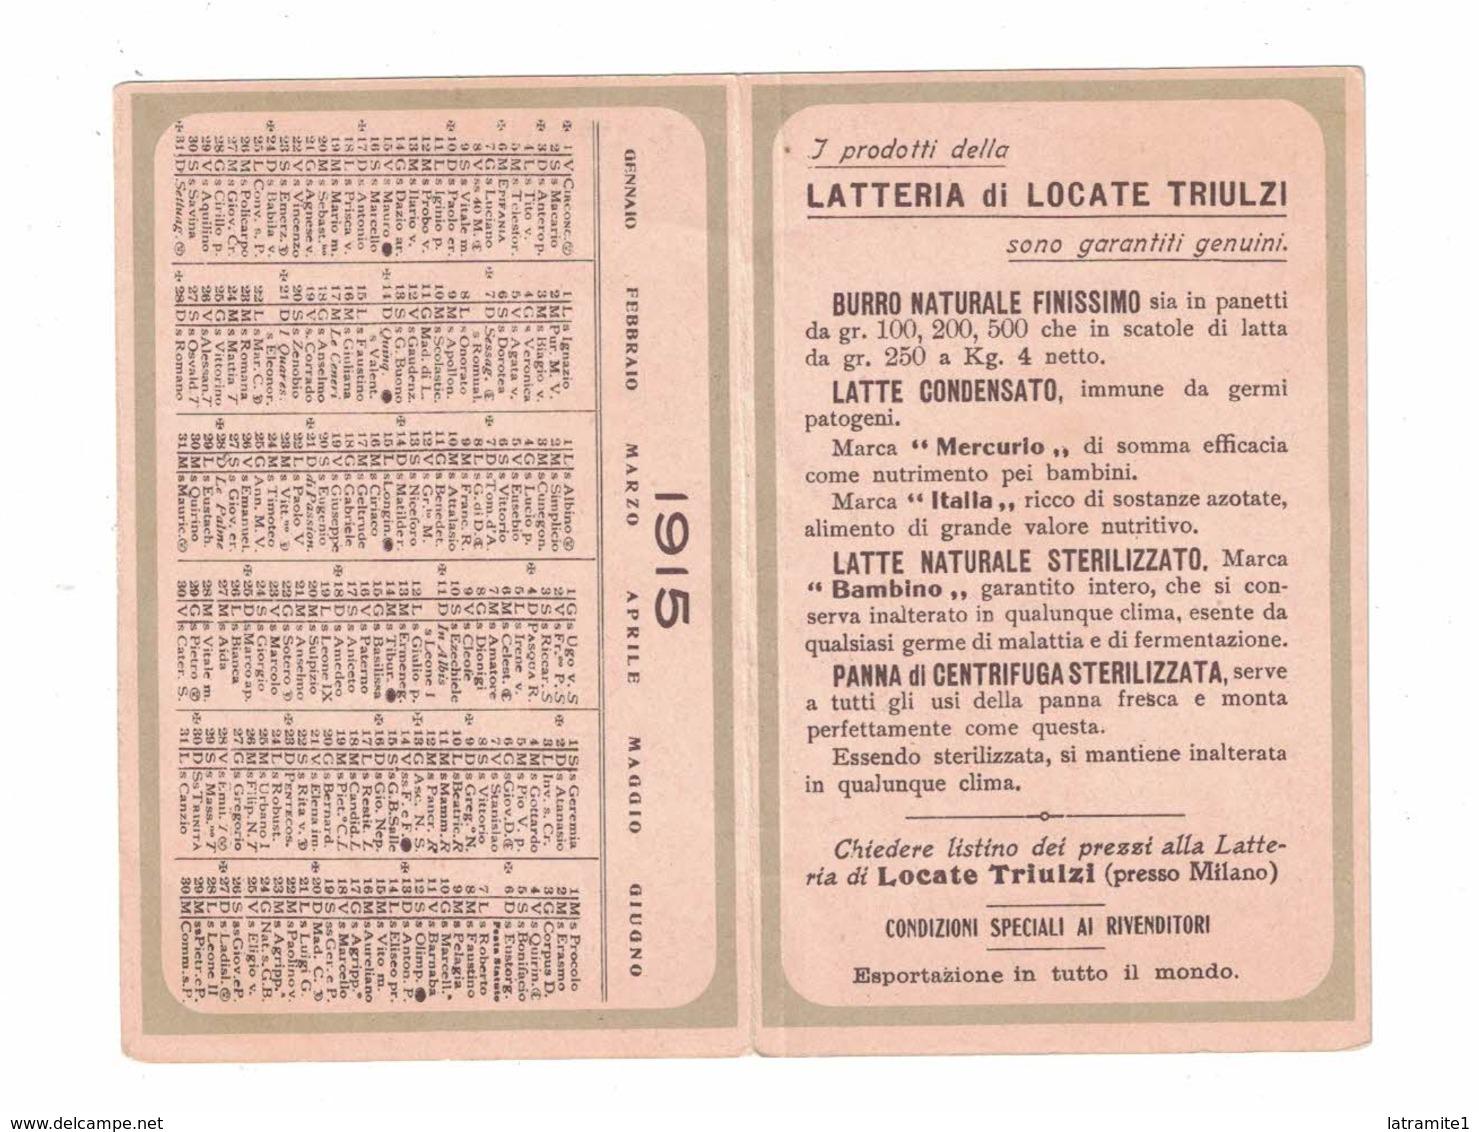 CALENDARIETTO 1915  SEMESTRINO  LATTERIA DI LOCATE TRIULZI - Altri